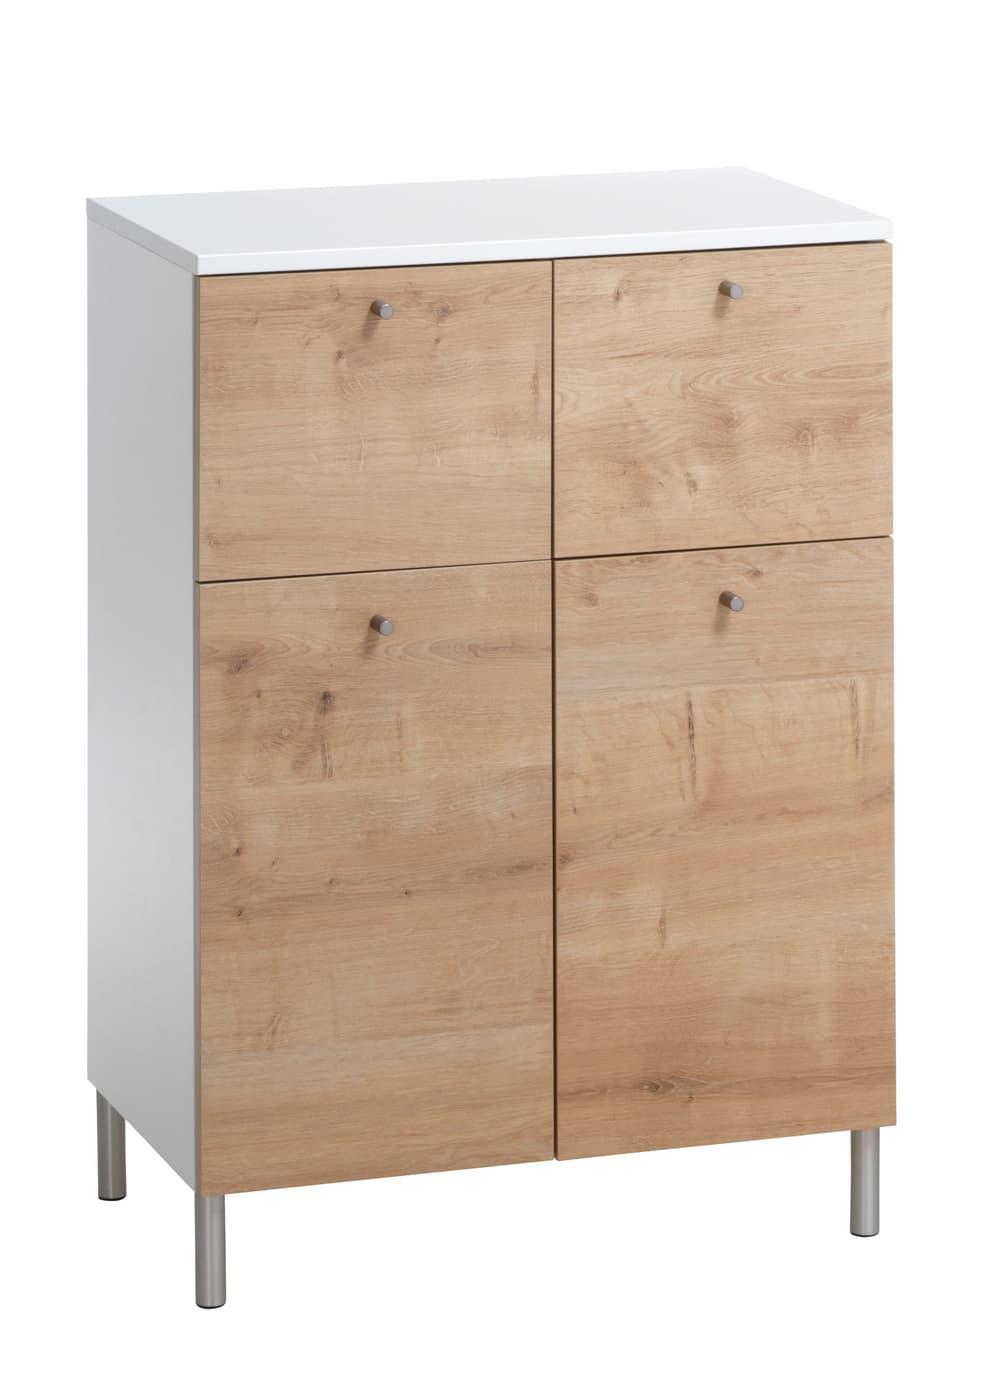 Samu meuble d 39 appoint migros - Meuble d appoint pour salle de bain gris ...